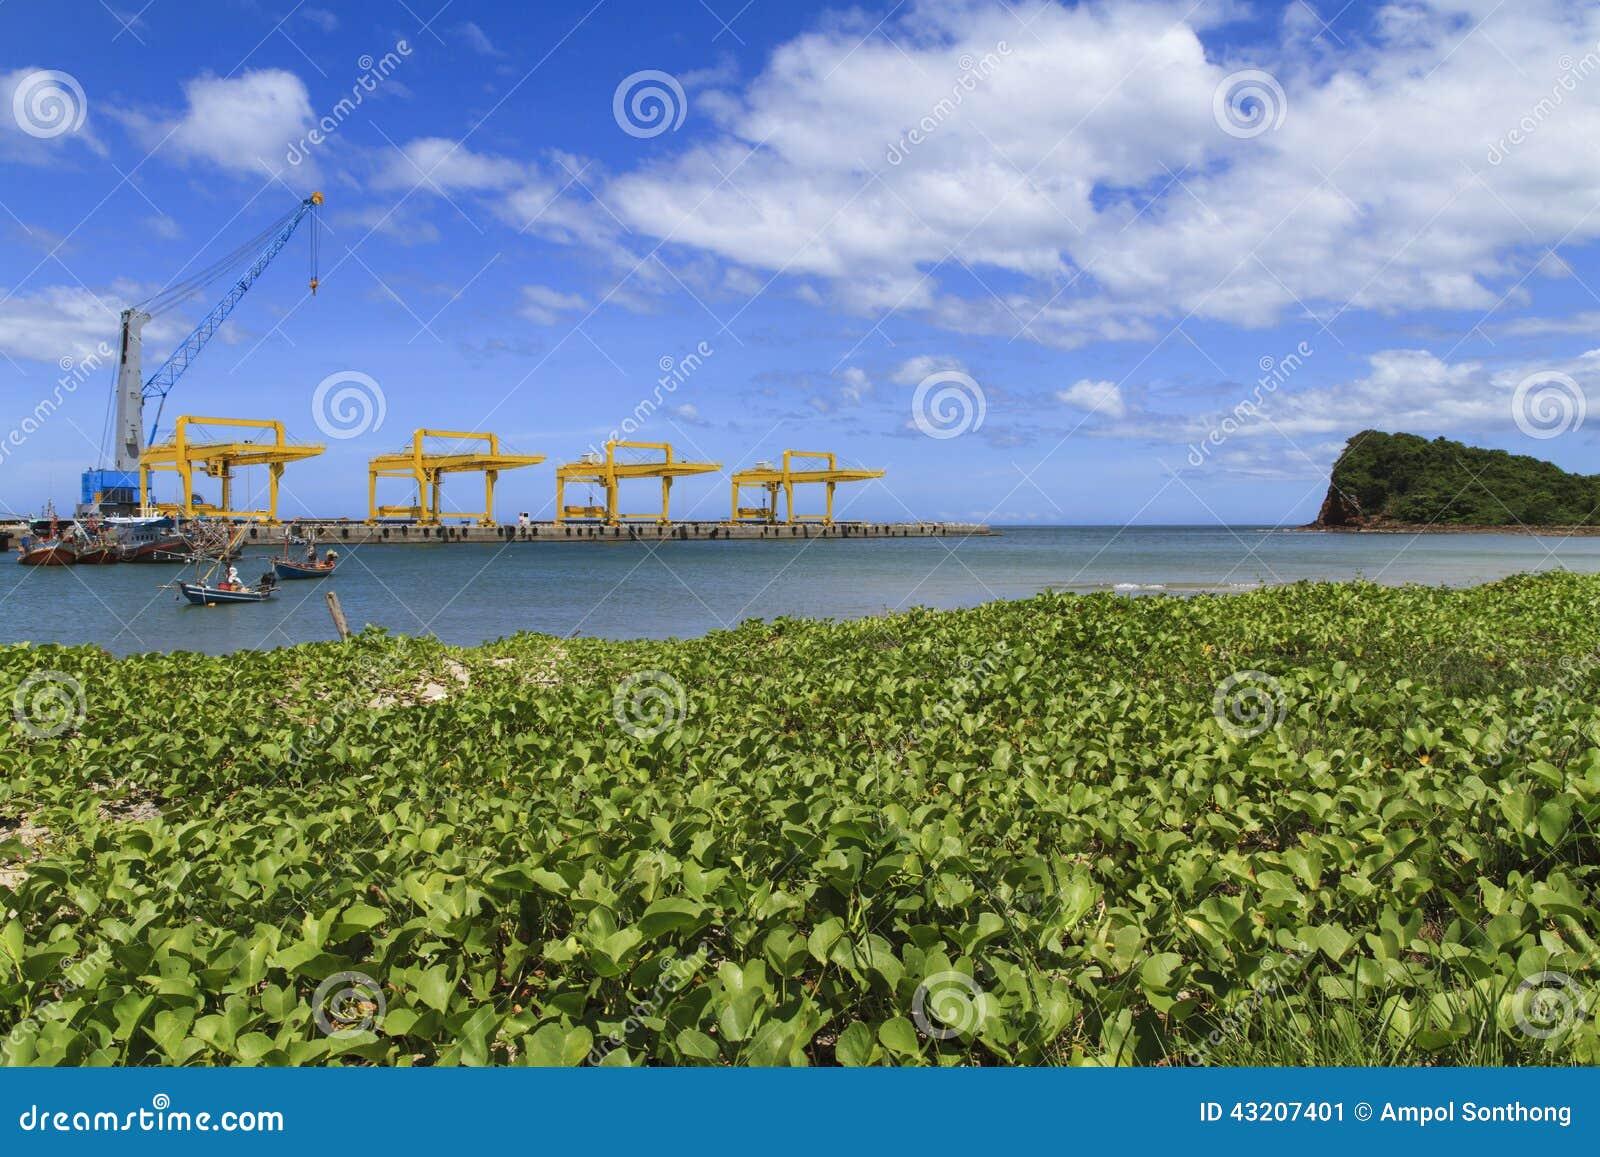 Download Gräs på branschkranar fotografering för bildbyråer. Bild av skeppsvarv - 43207401